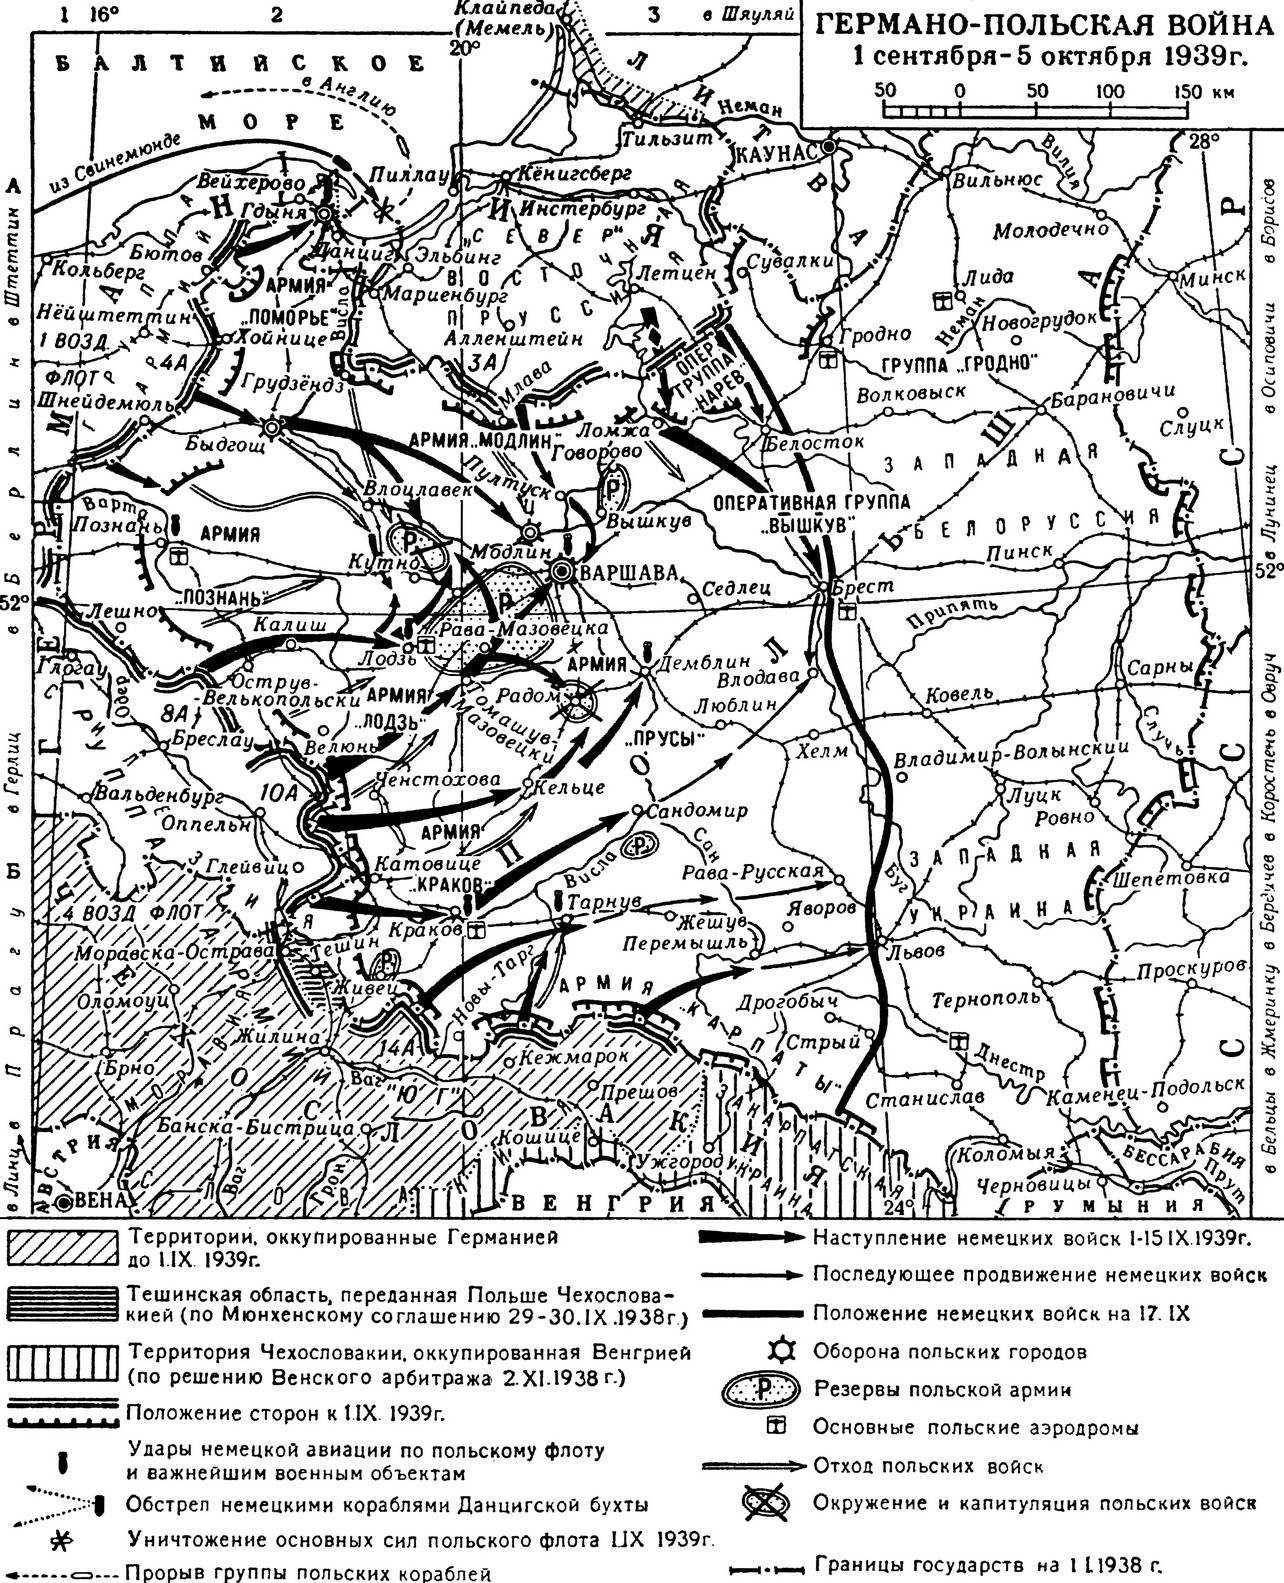 80 лет назад началась война между польскими и немецкими фашистами. Судьба евреев.